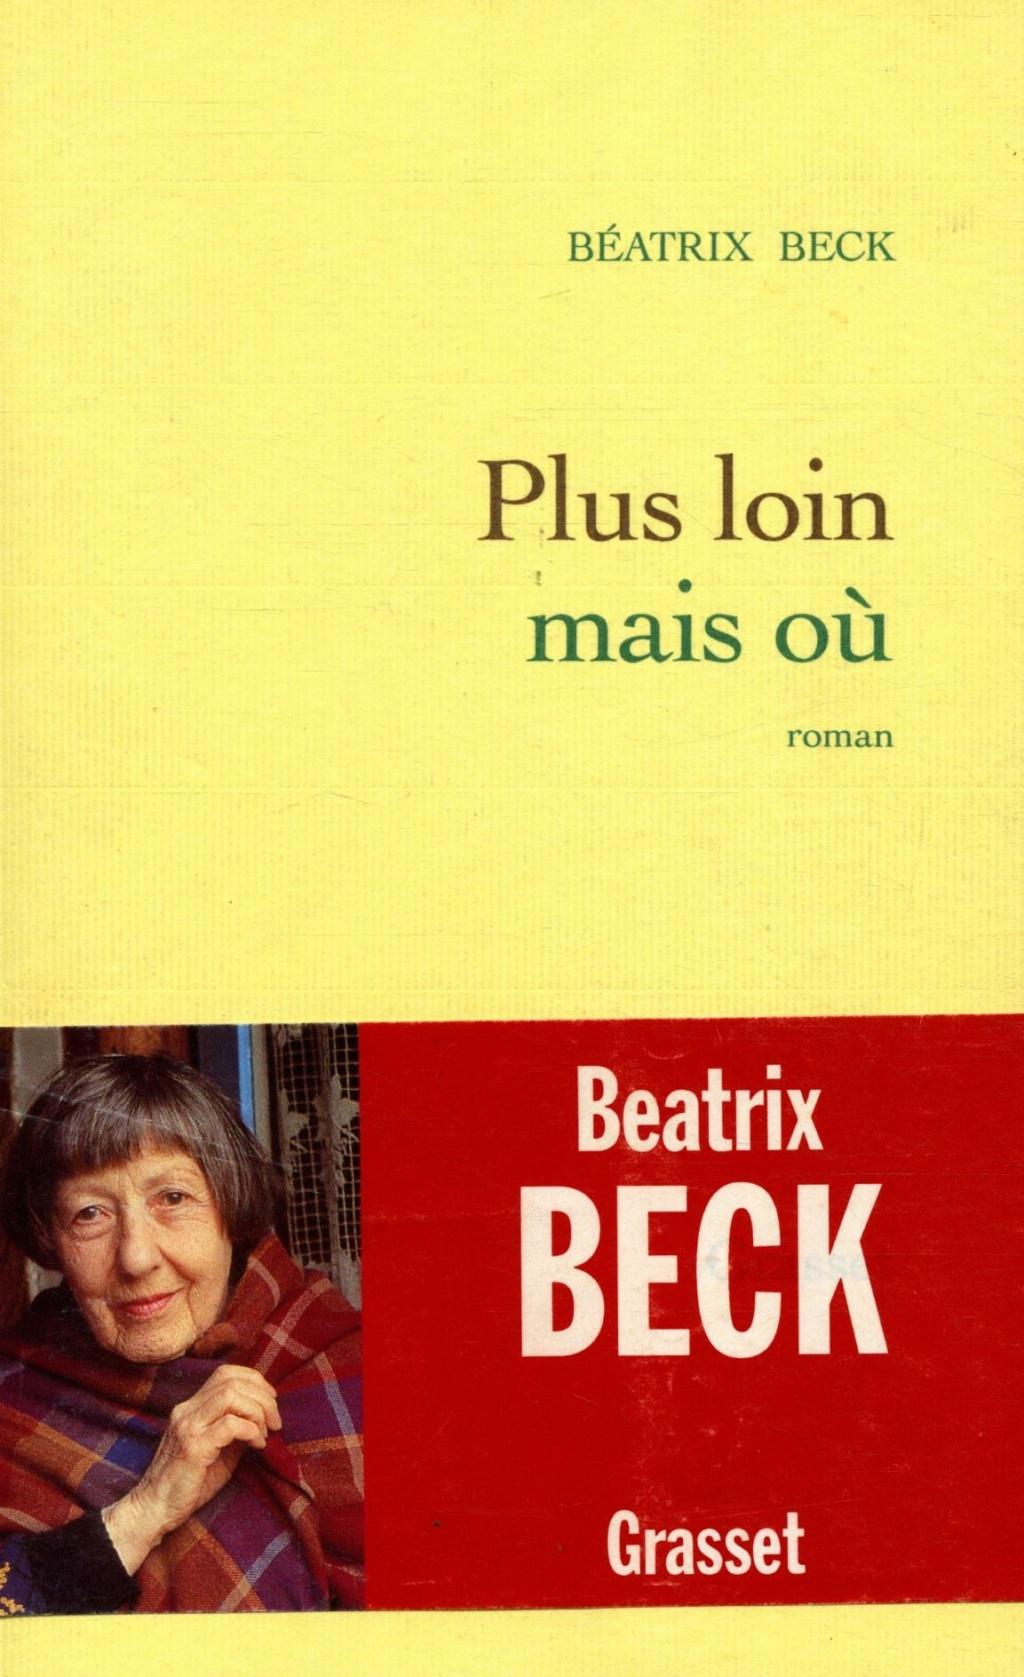 ecriture - Béatrix Beck - Page 2 Pluslo10